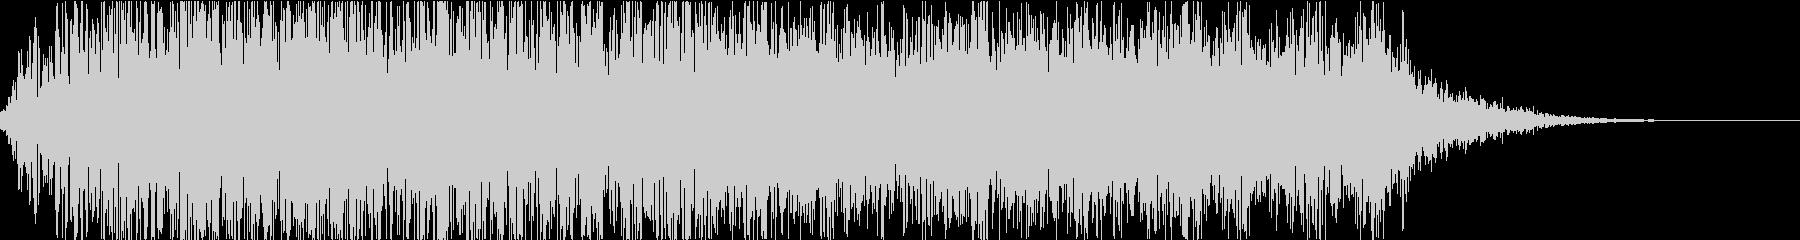 怪物・モンスターの鳴き声・ゲーム・映画fの未再生の波形